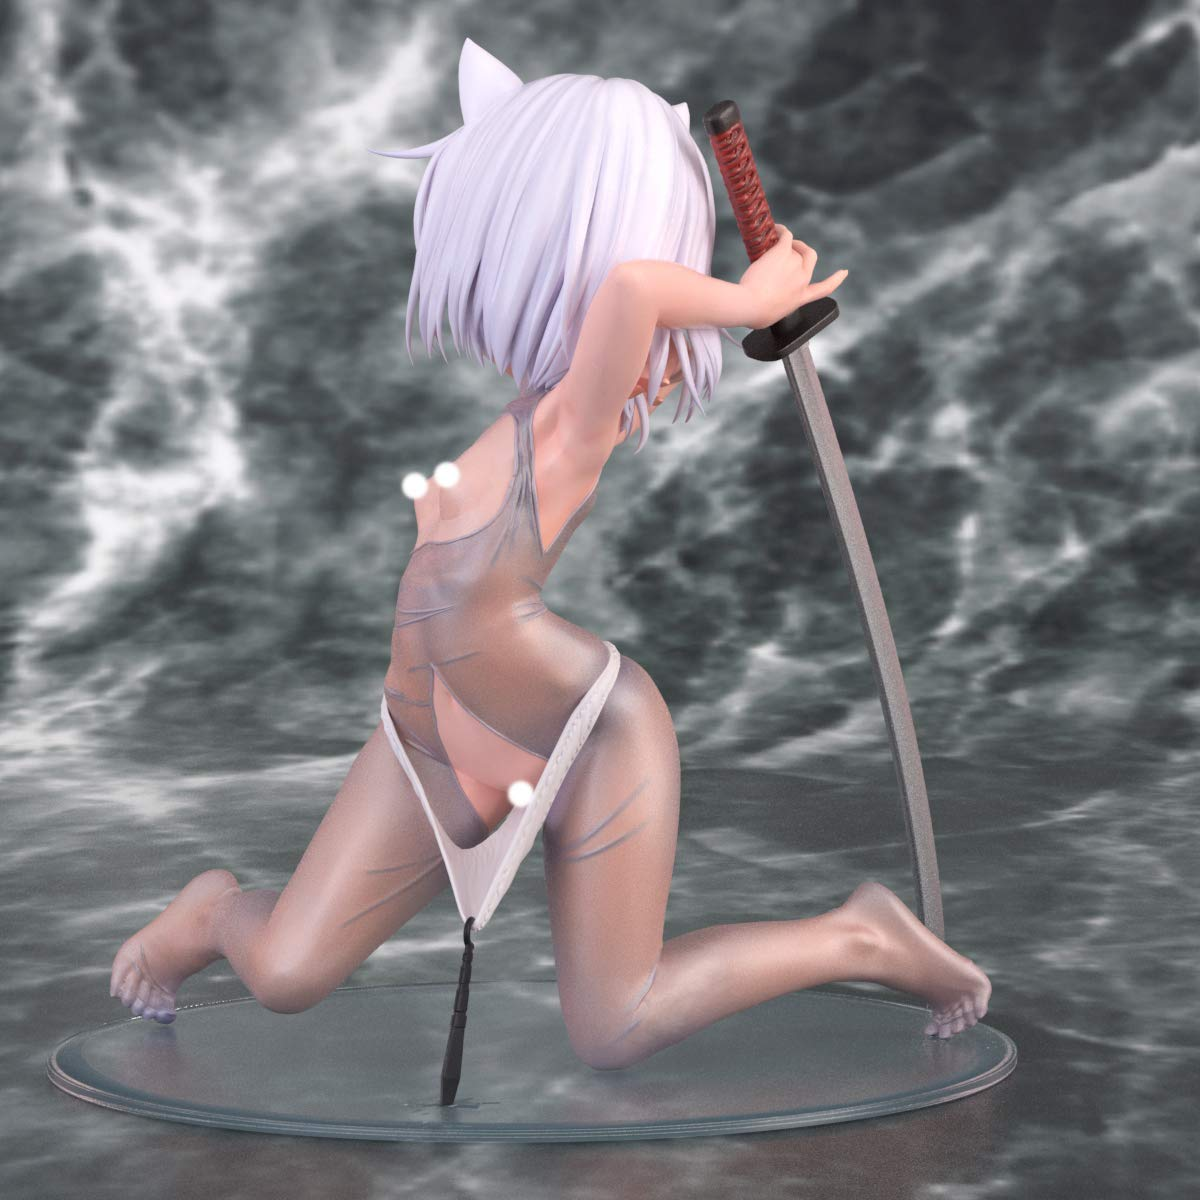 オリジナルキャラクター『神山 貧乳脱衣ver』1/5 完成品フィギュア-004